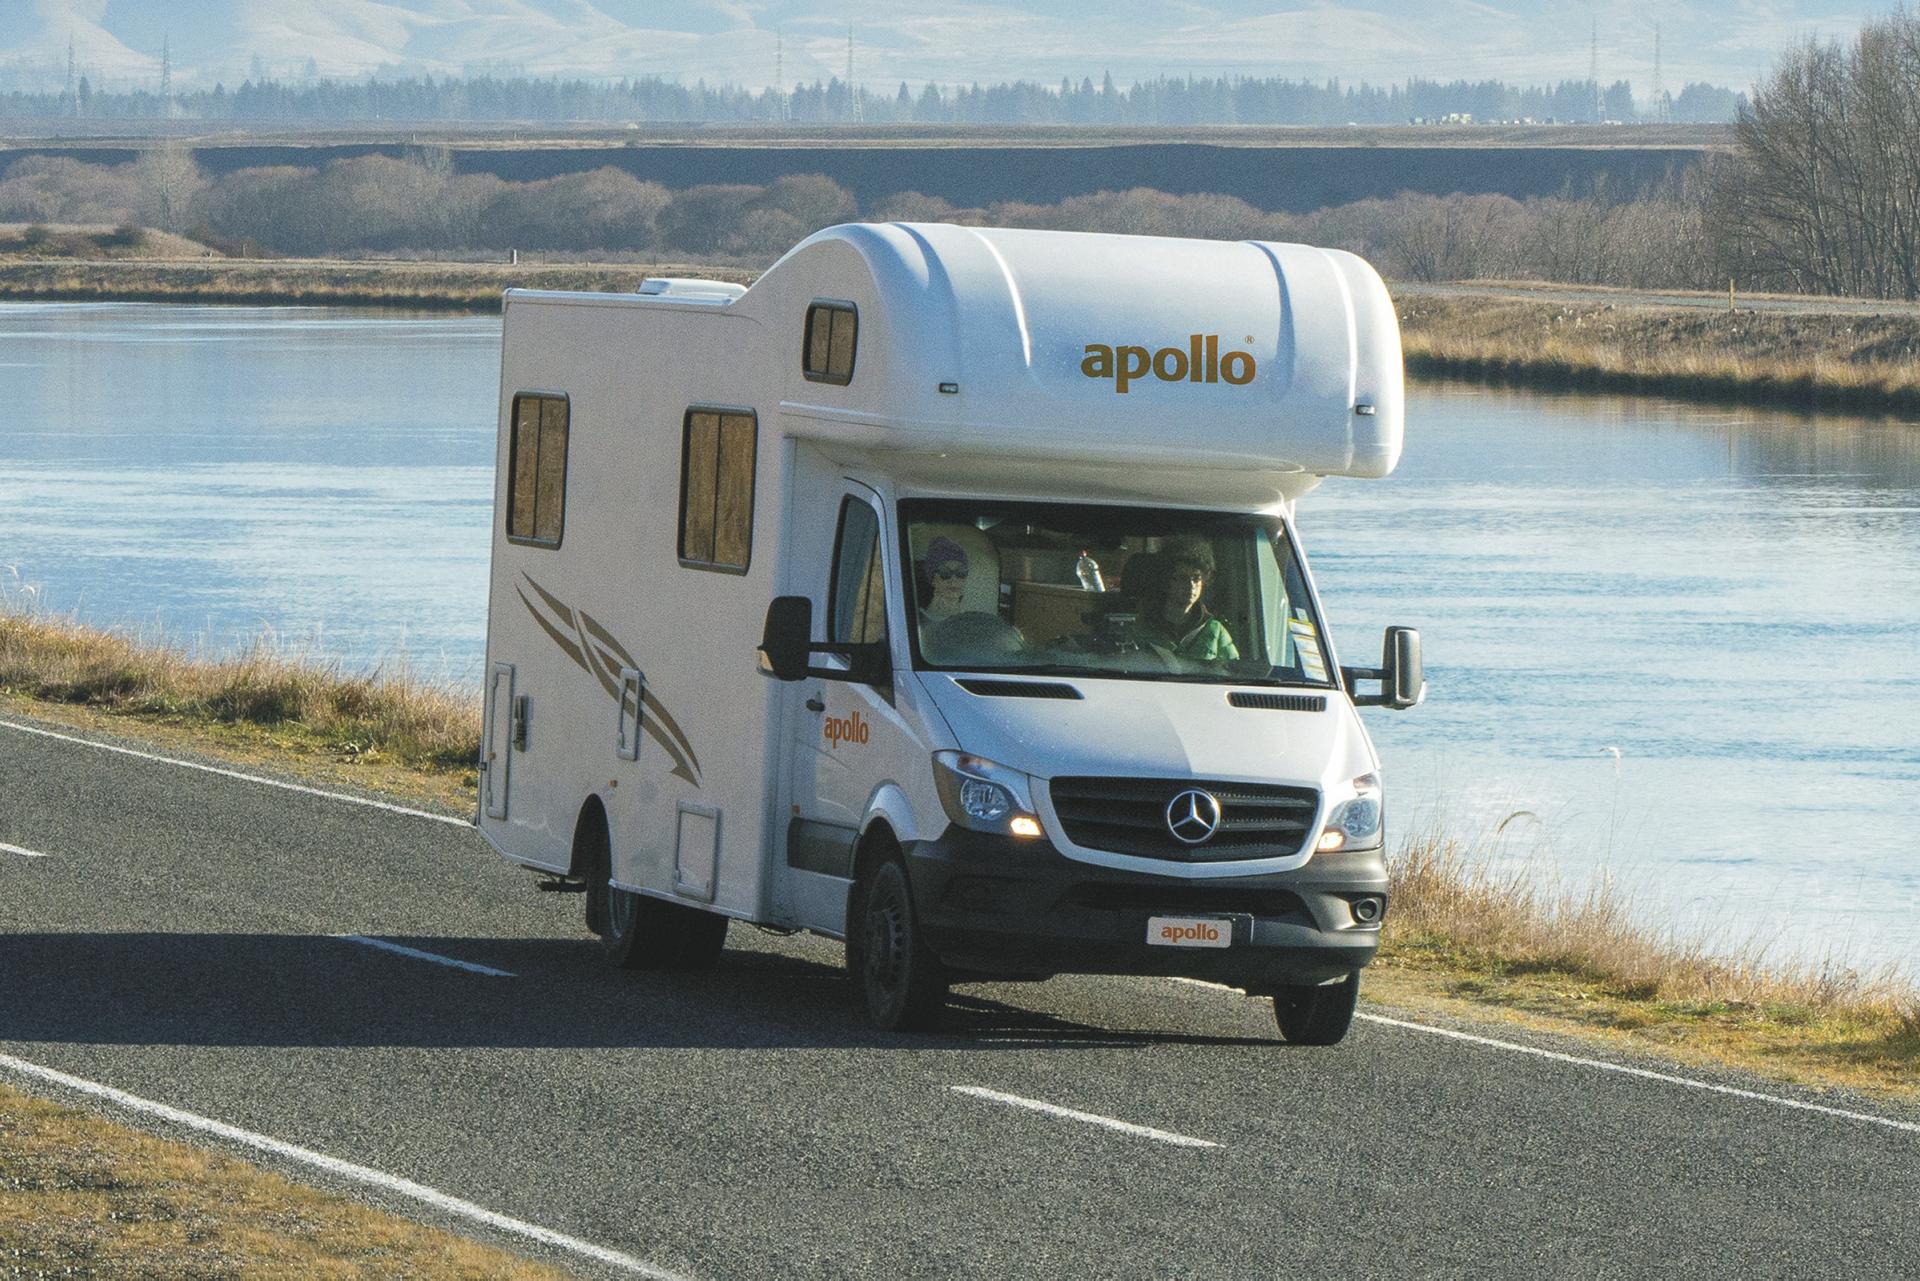 Apollo Euro Camper